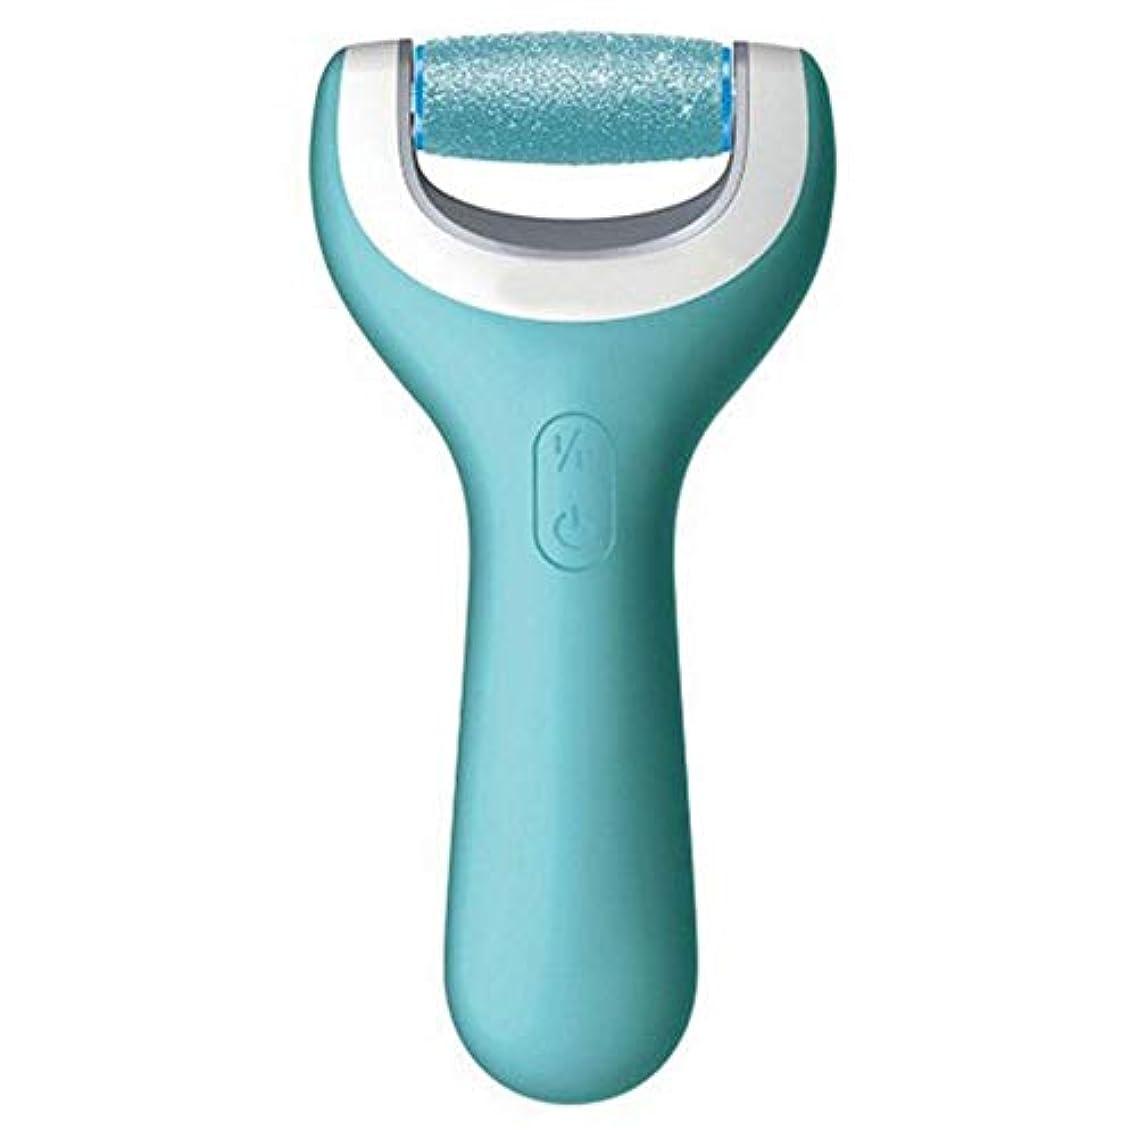 いいね不適当妊娠した足乾燥ひびの入ったデッドスキン防水電動フットグラインダーローラー用USB充電式フットファイル ペディキュアツール (色 : 青, サイズ : Free size)